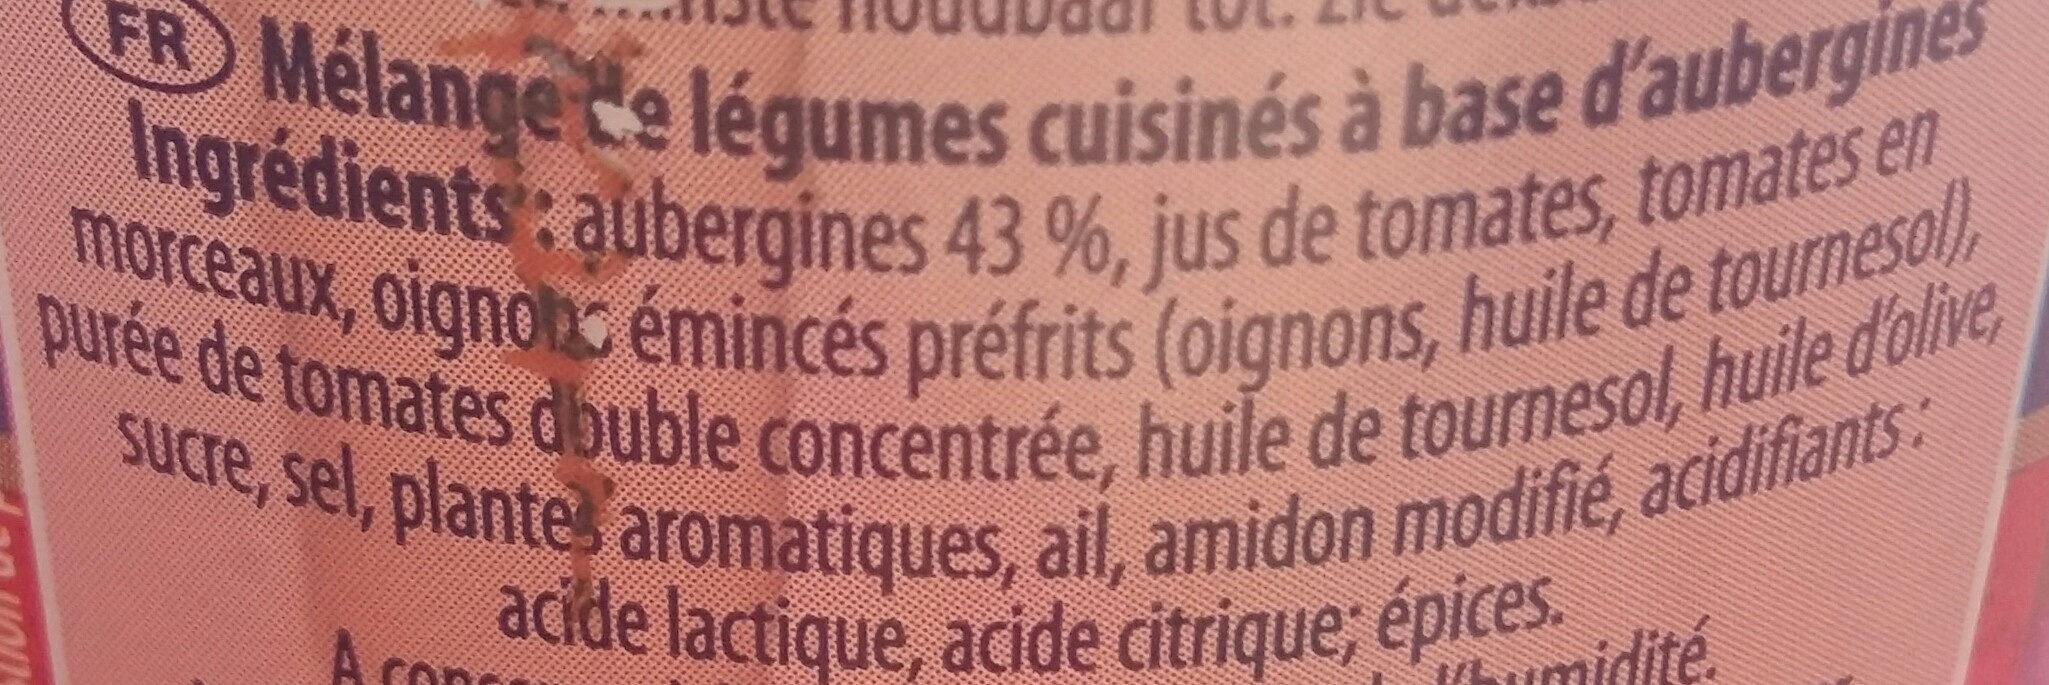 Aubergines à la provençale - Ingrédients